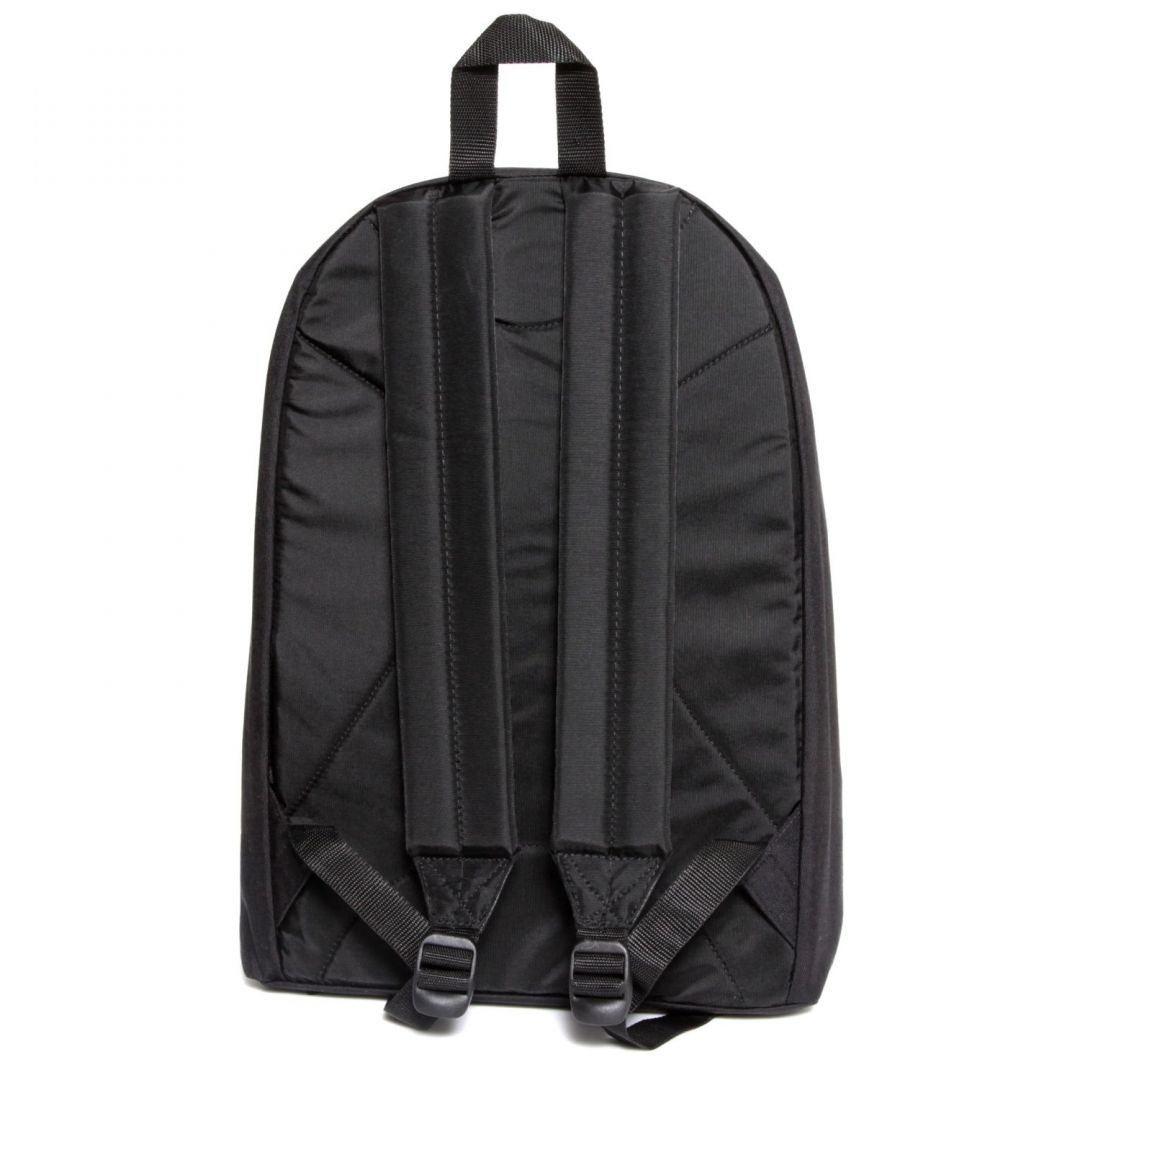 Eastpak Out of Office Laptoprucksack mit Leder schwarz